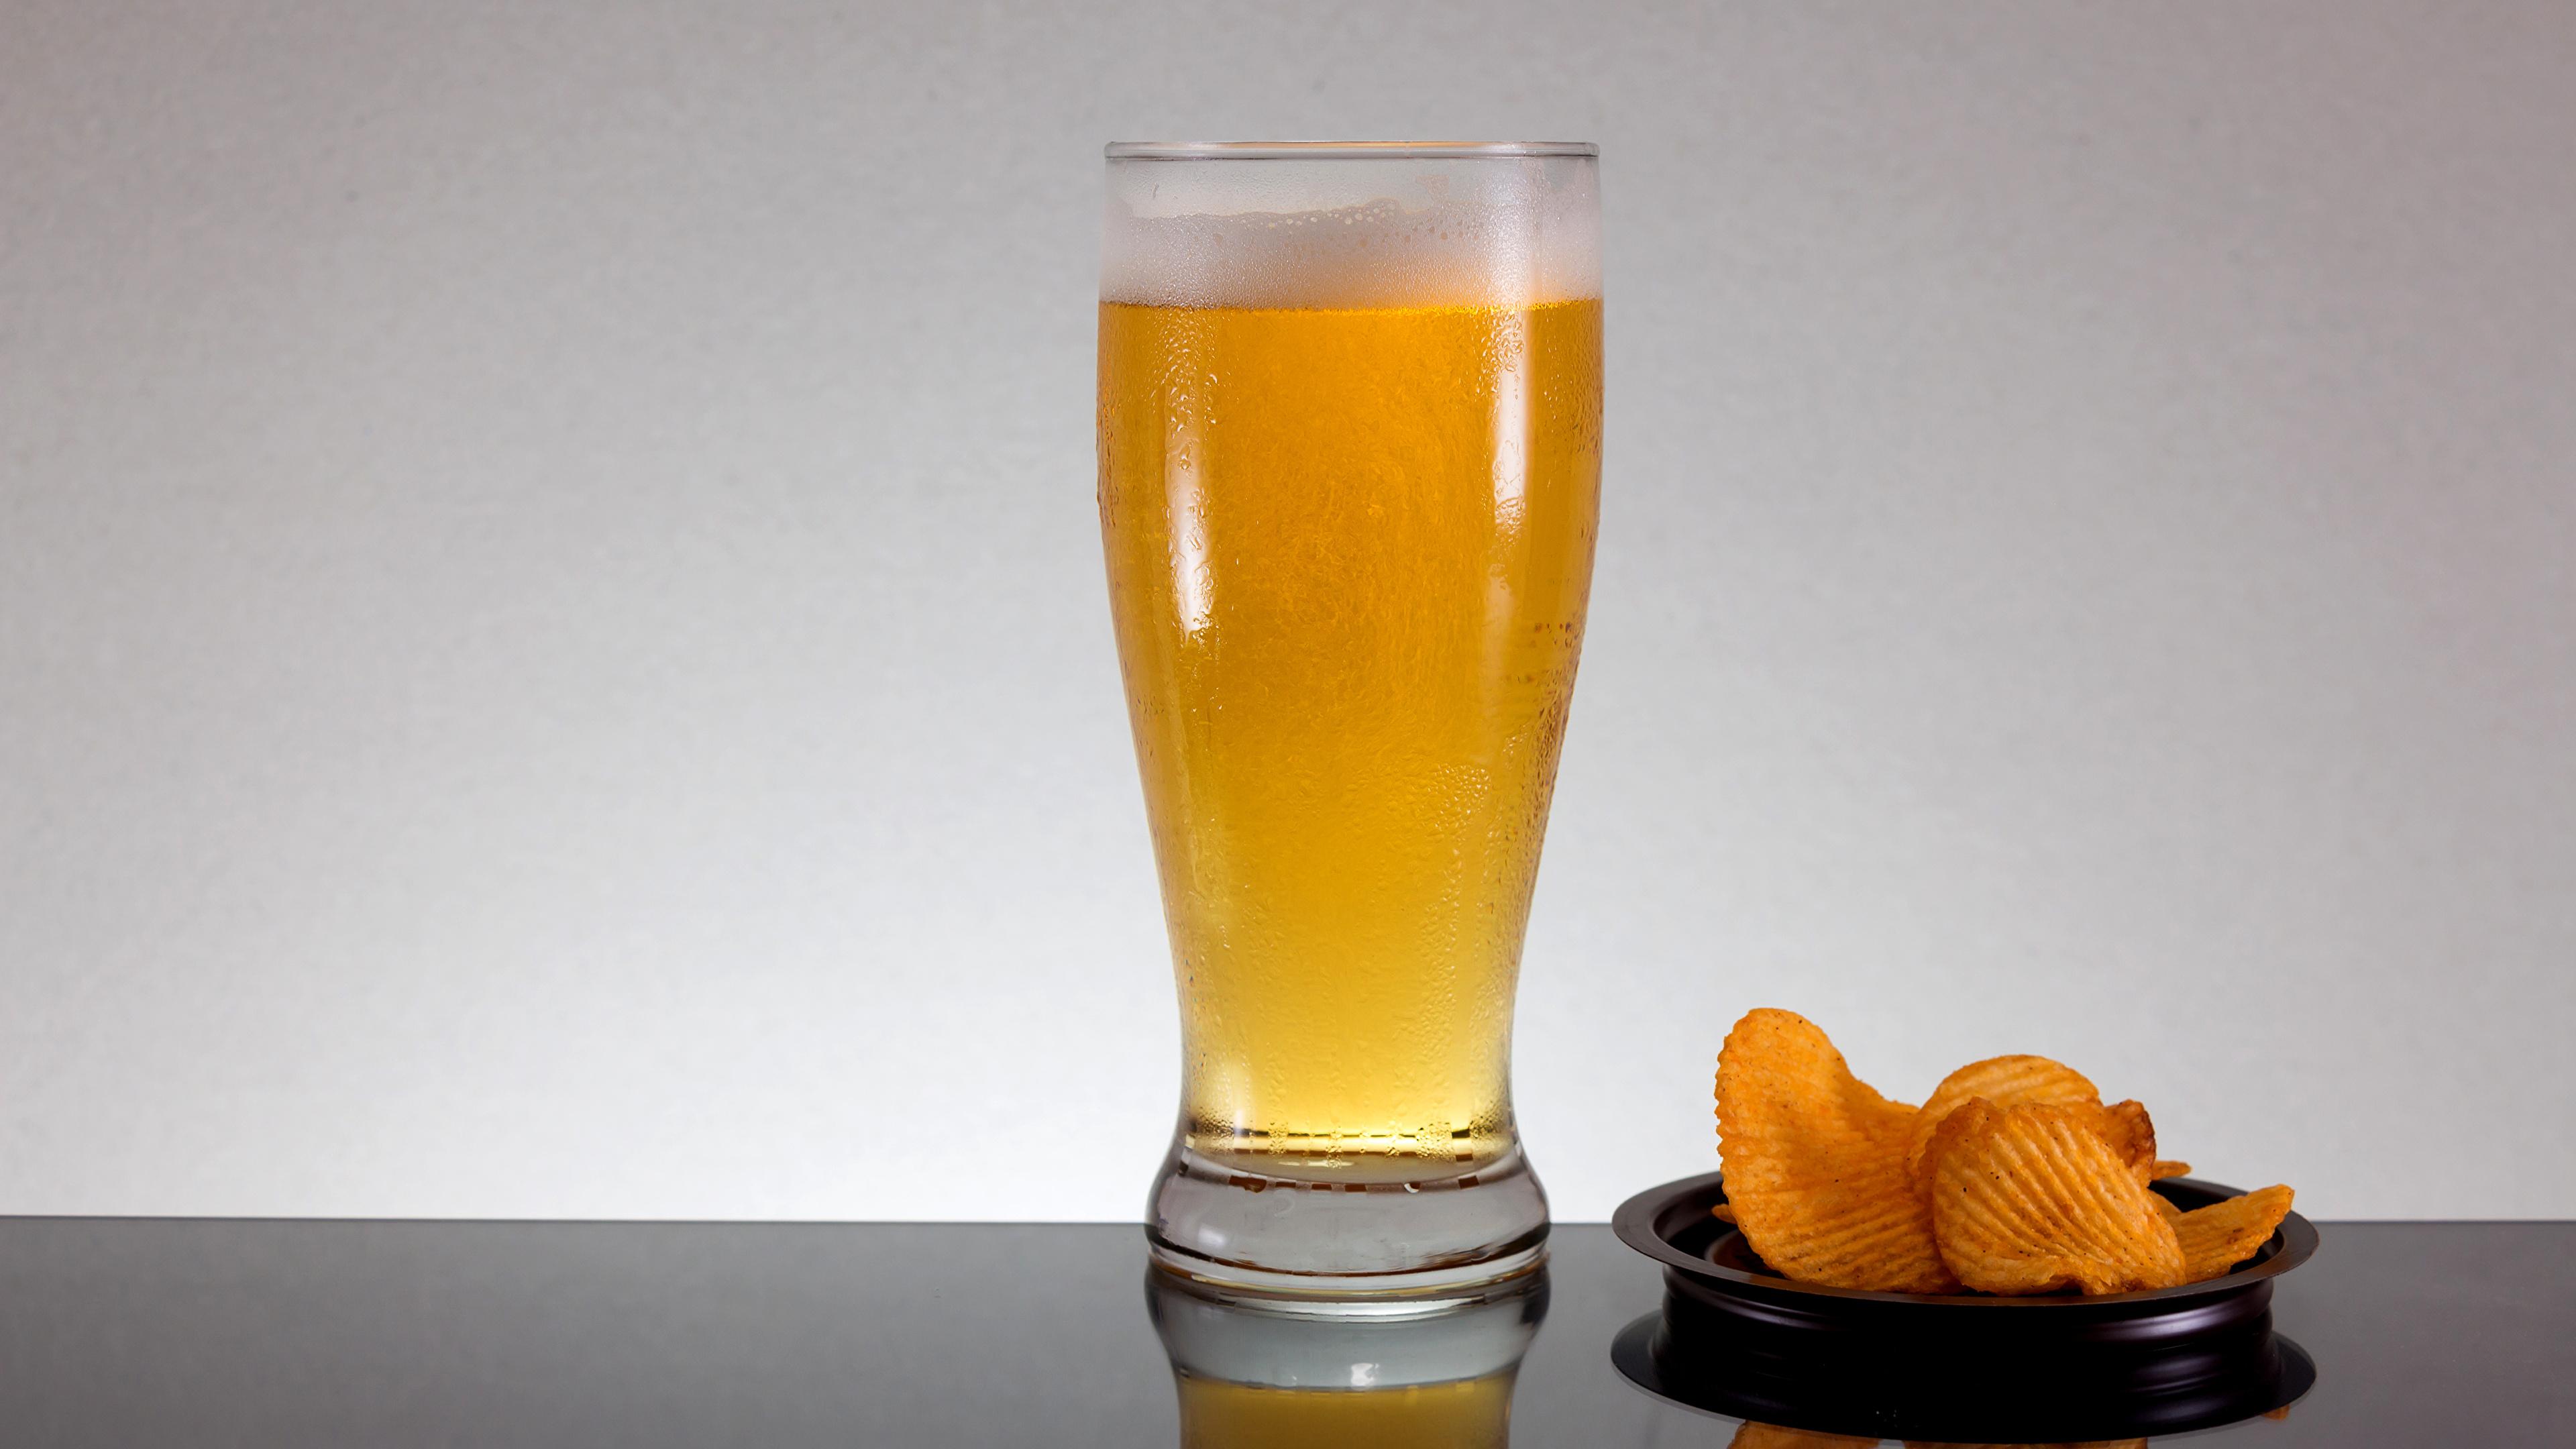 Фотография Пиво Чипсы стакане Еда Пена 3840x2160 Стакан стакана пене Пища пеной Продукты питания